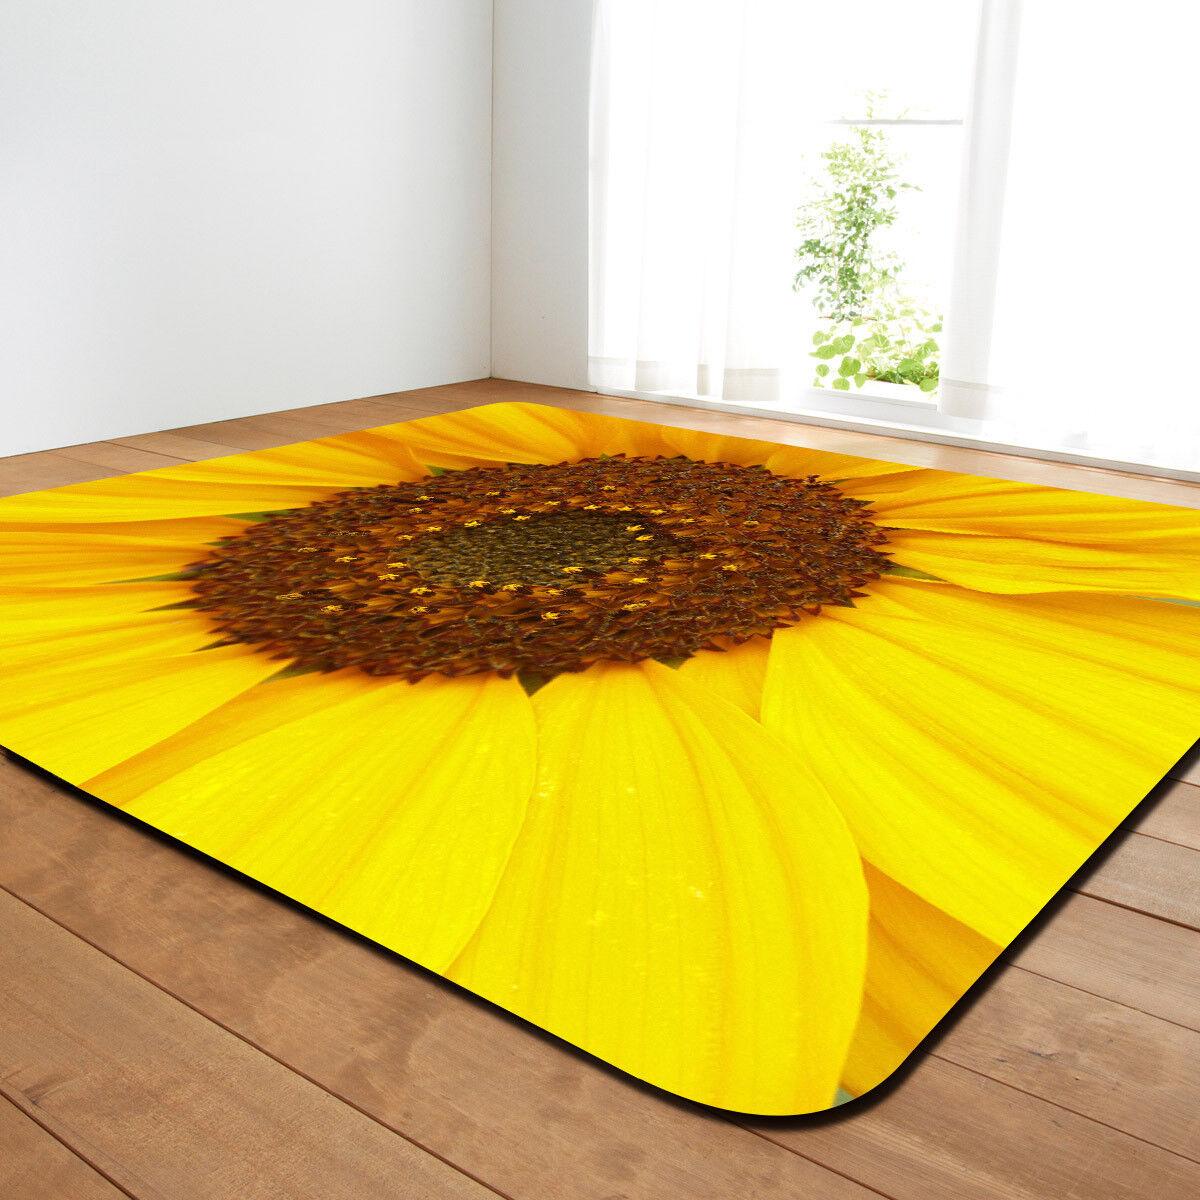 3D tapis Jaune Tournesol tapis 3D moquette. aucun feuillet. 87c938